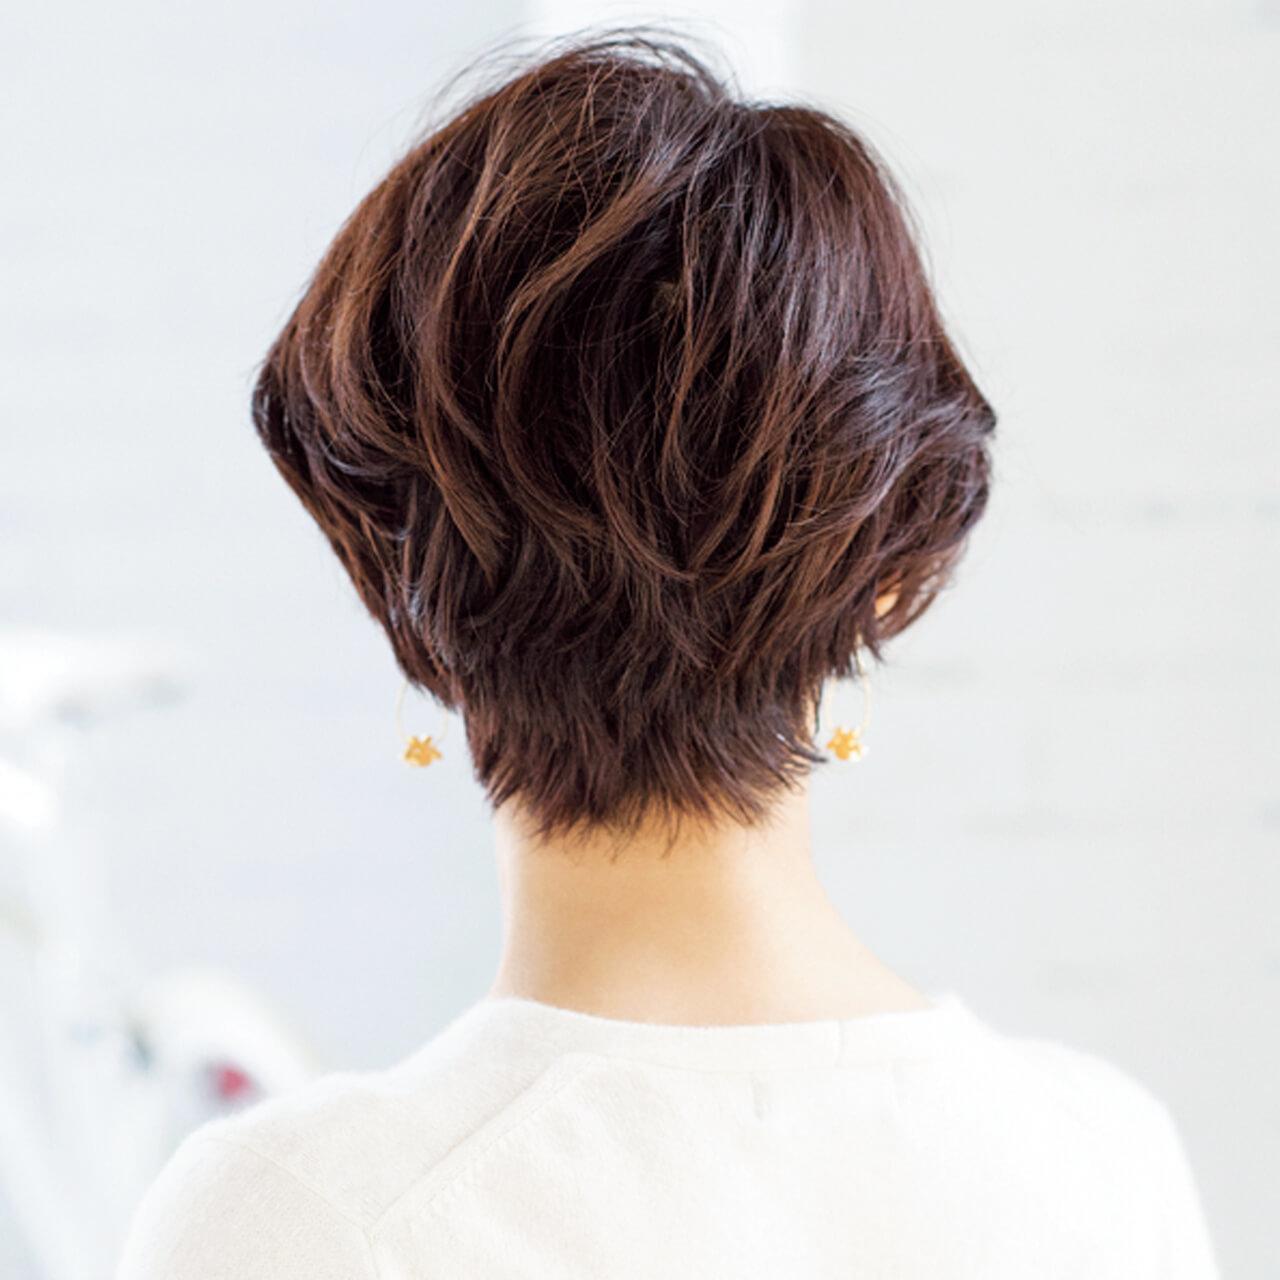 モードでありながら色っぽい!洗練されたひし形シルエットショート【40代のショートヘア】_1_3